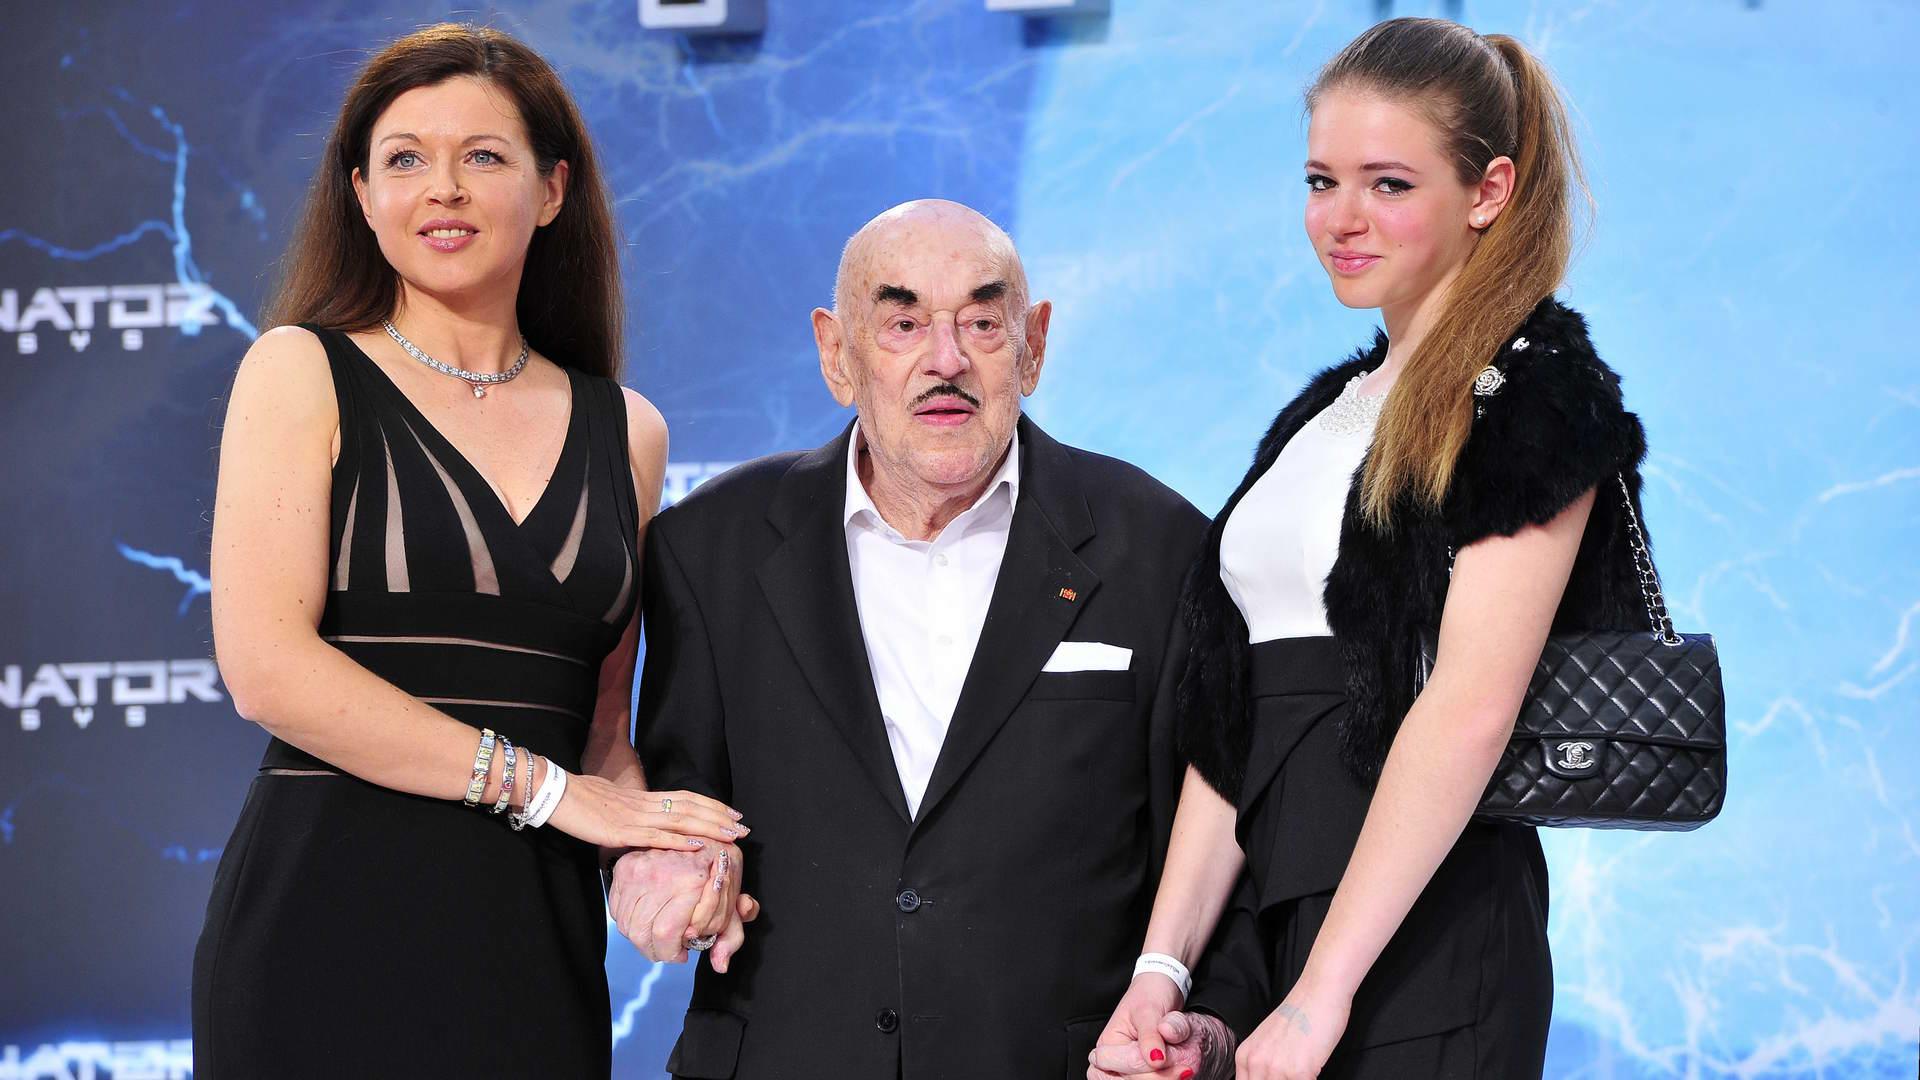 Artur Atze Brauner Artur Atze Brauner  -  Premiere TERMINATOR - GENISYS im Cinestar im Sonycenter  in Berlin  am 21.06.2015 -  Foto: SuccoMedia / Ralf Succo